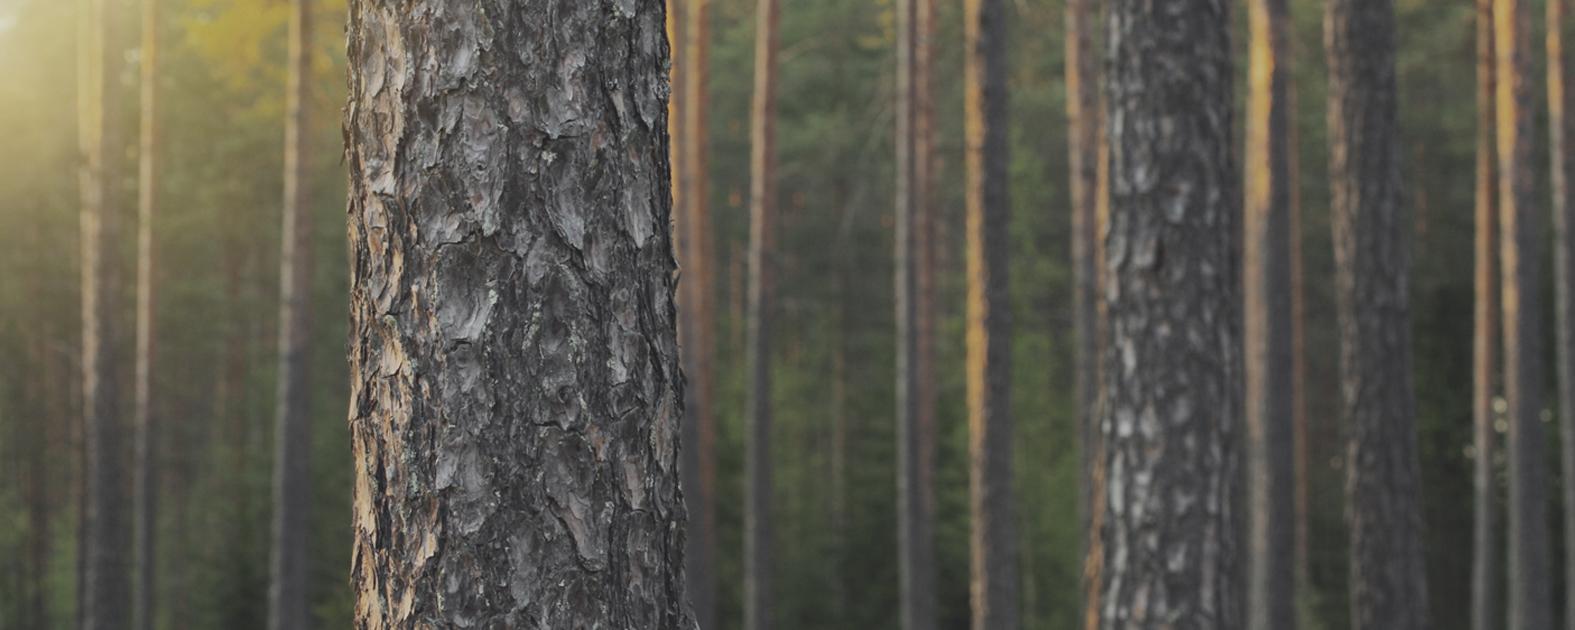 Строительство безопасных и экологичных деревянных домов HONKA